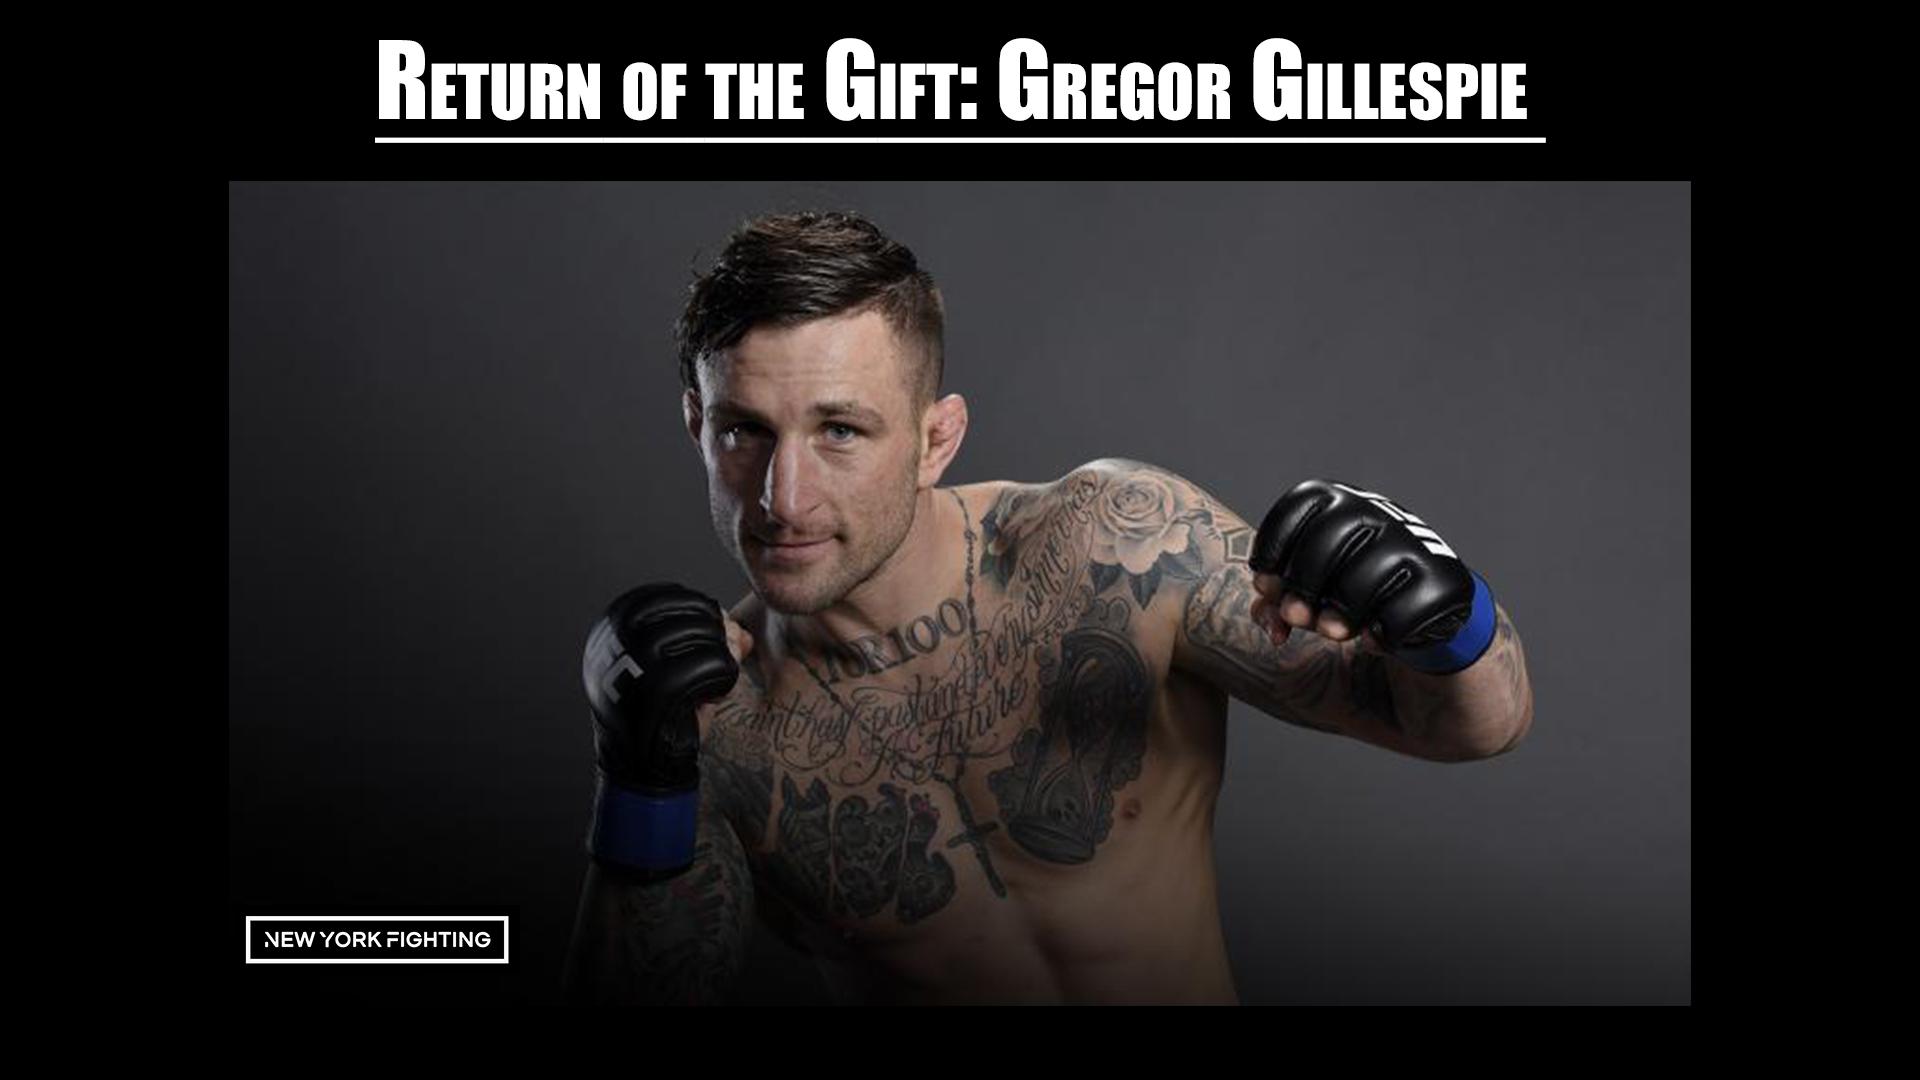 gregor Gillespie